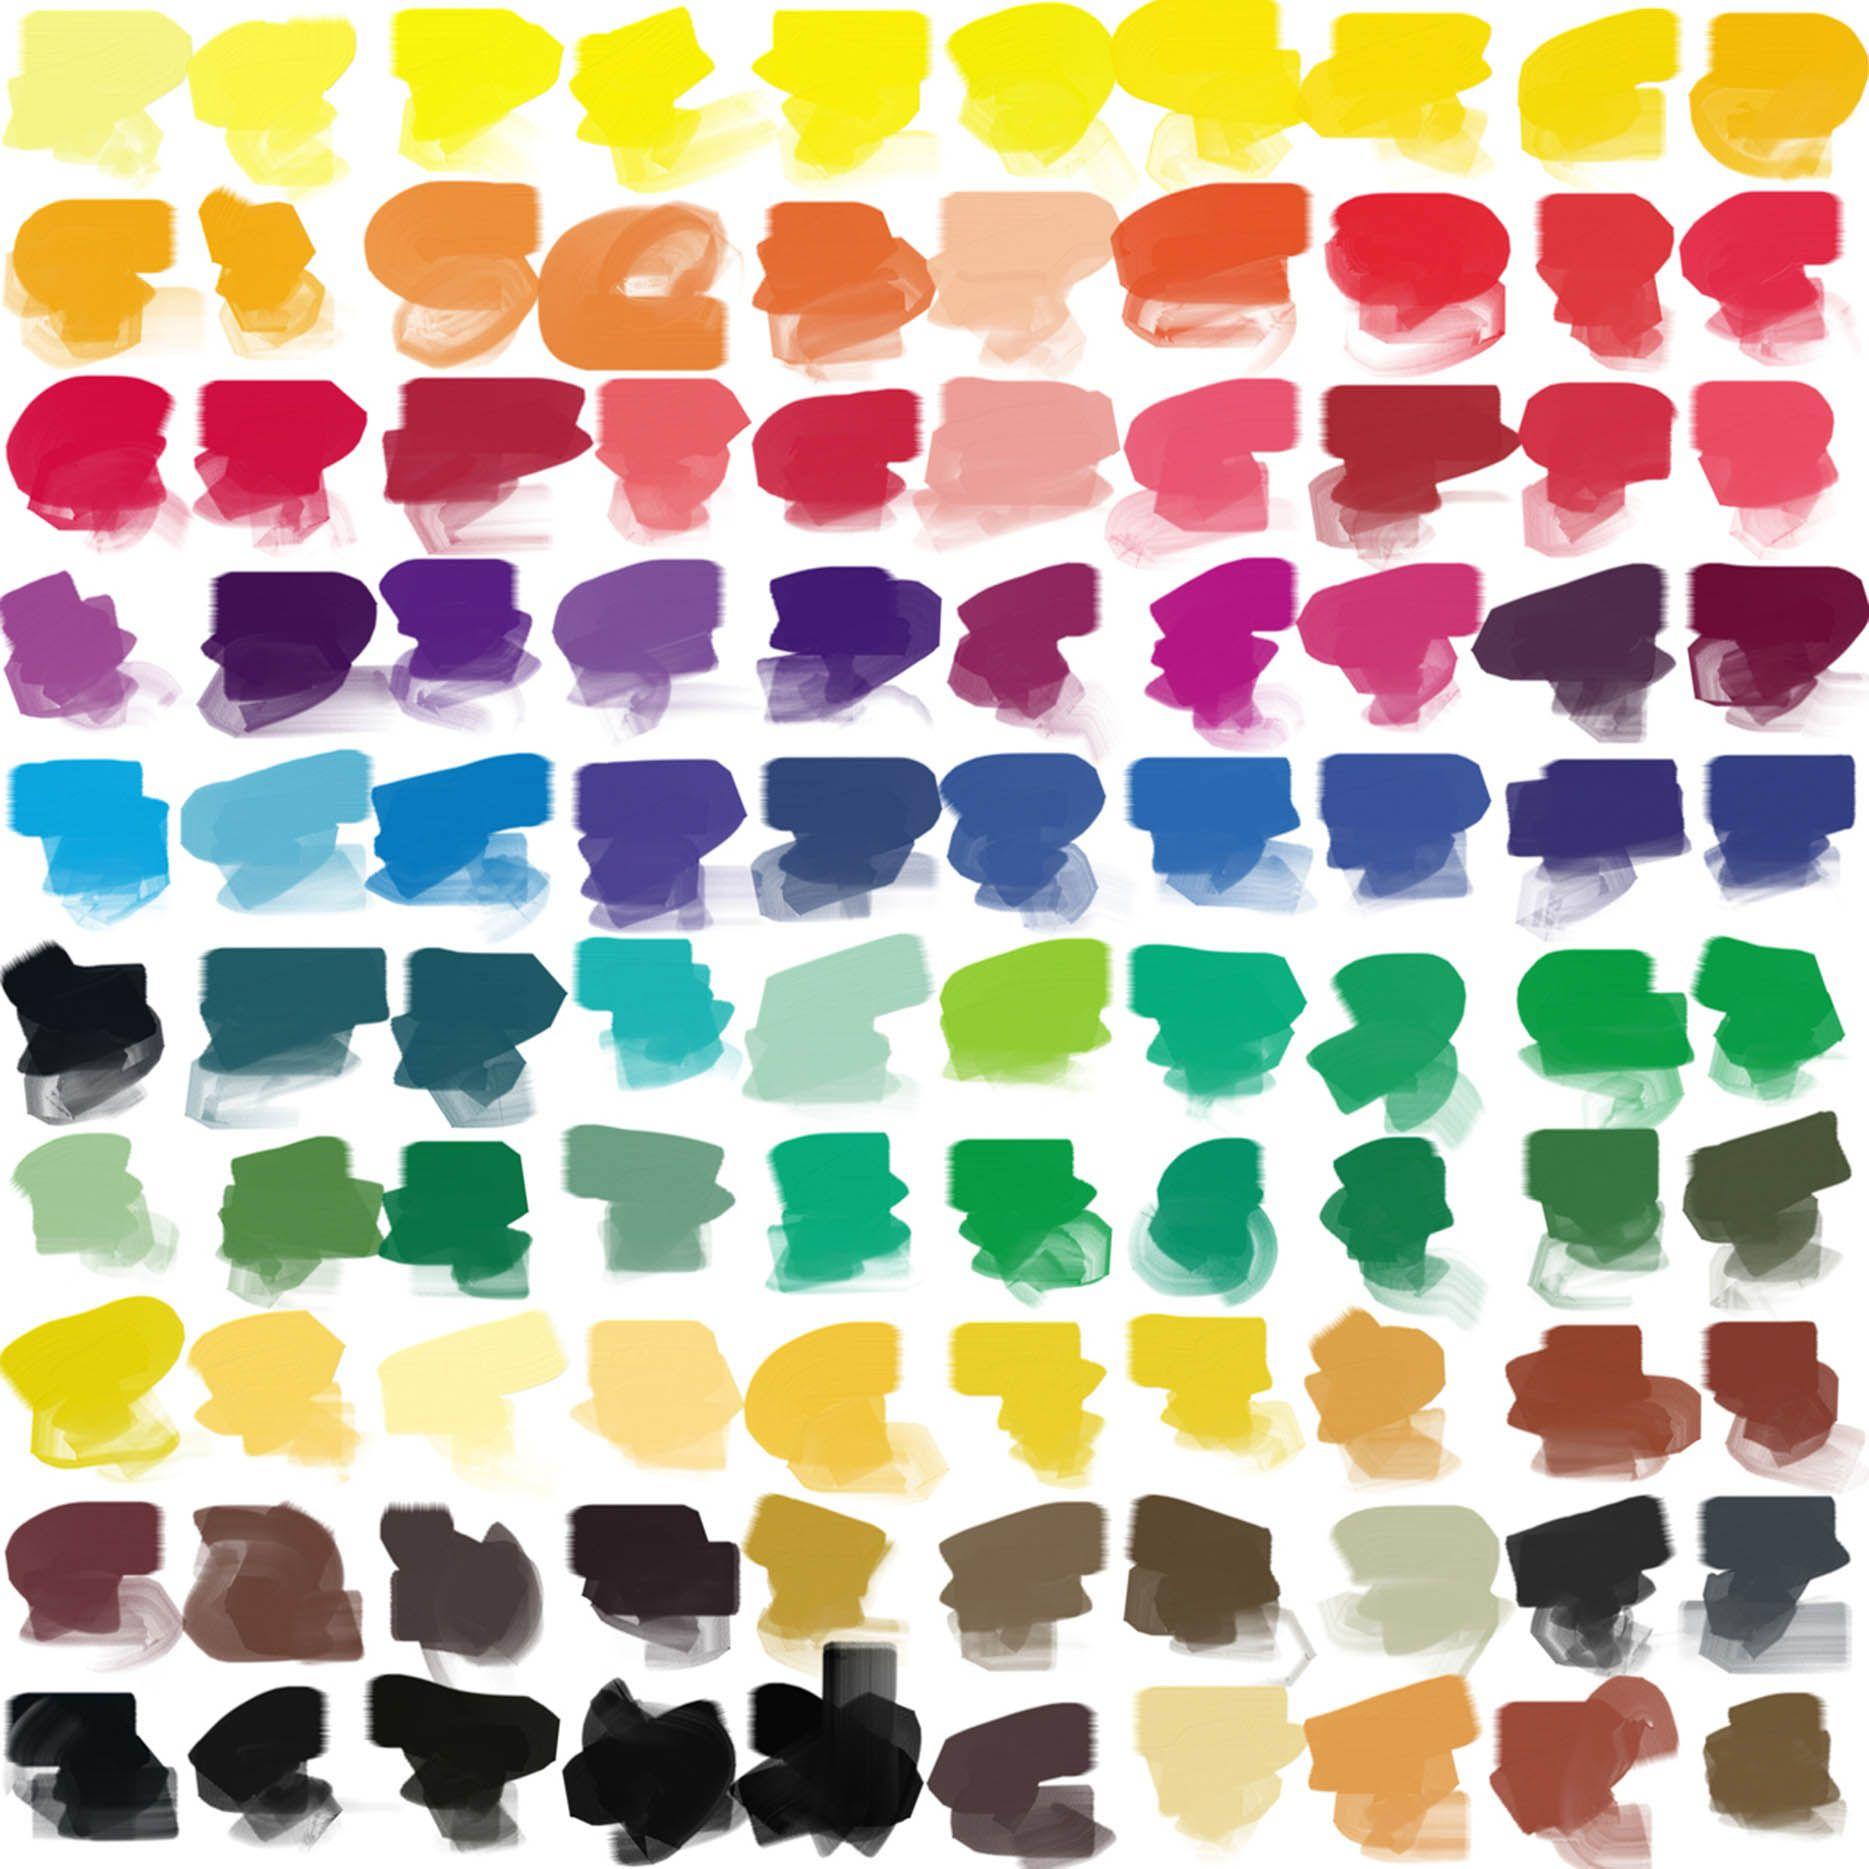 Paleta de colores en plastas de pintura 1869 for Paleta de colores pintura